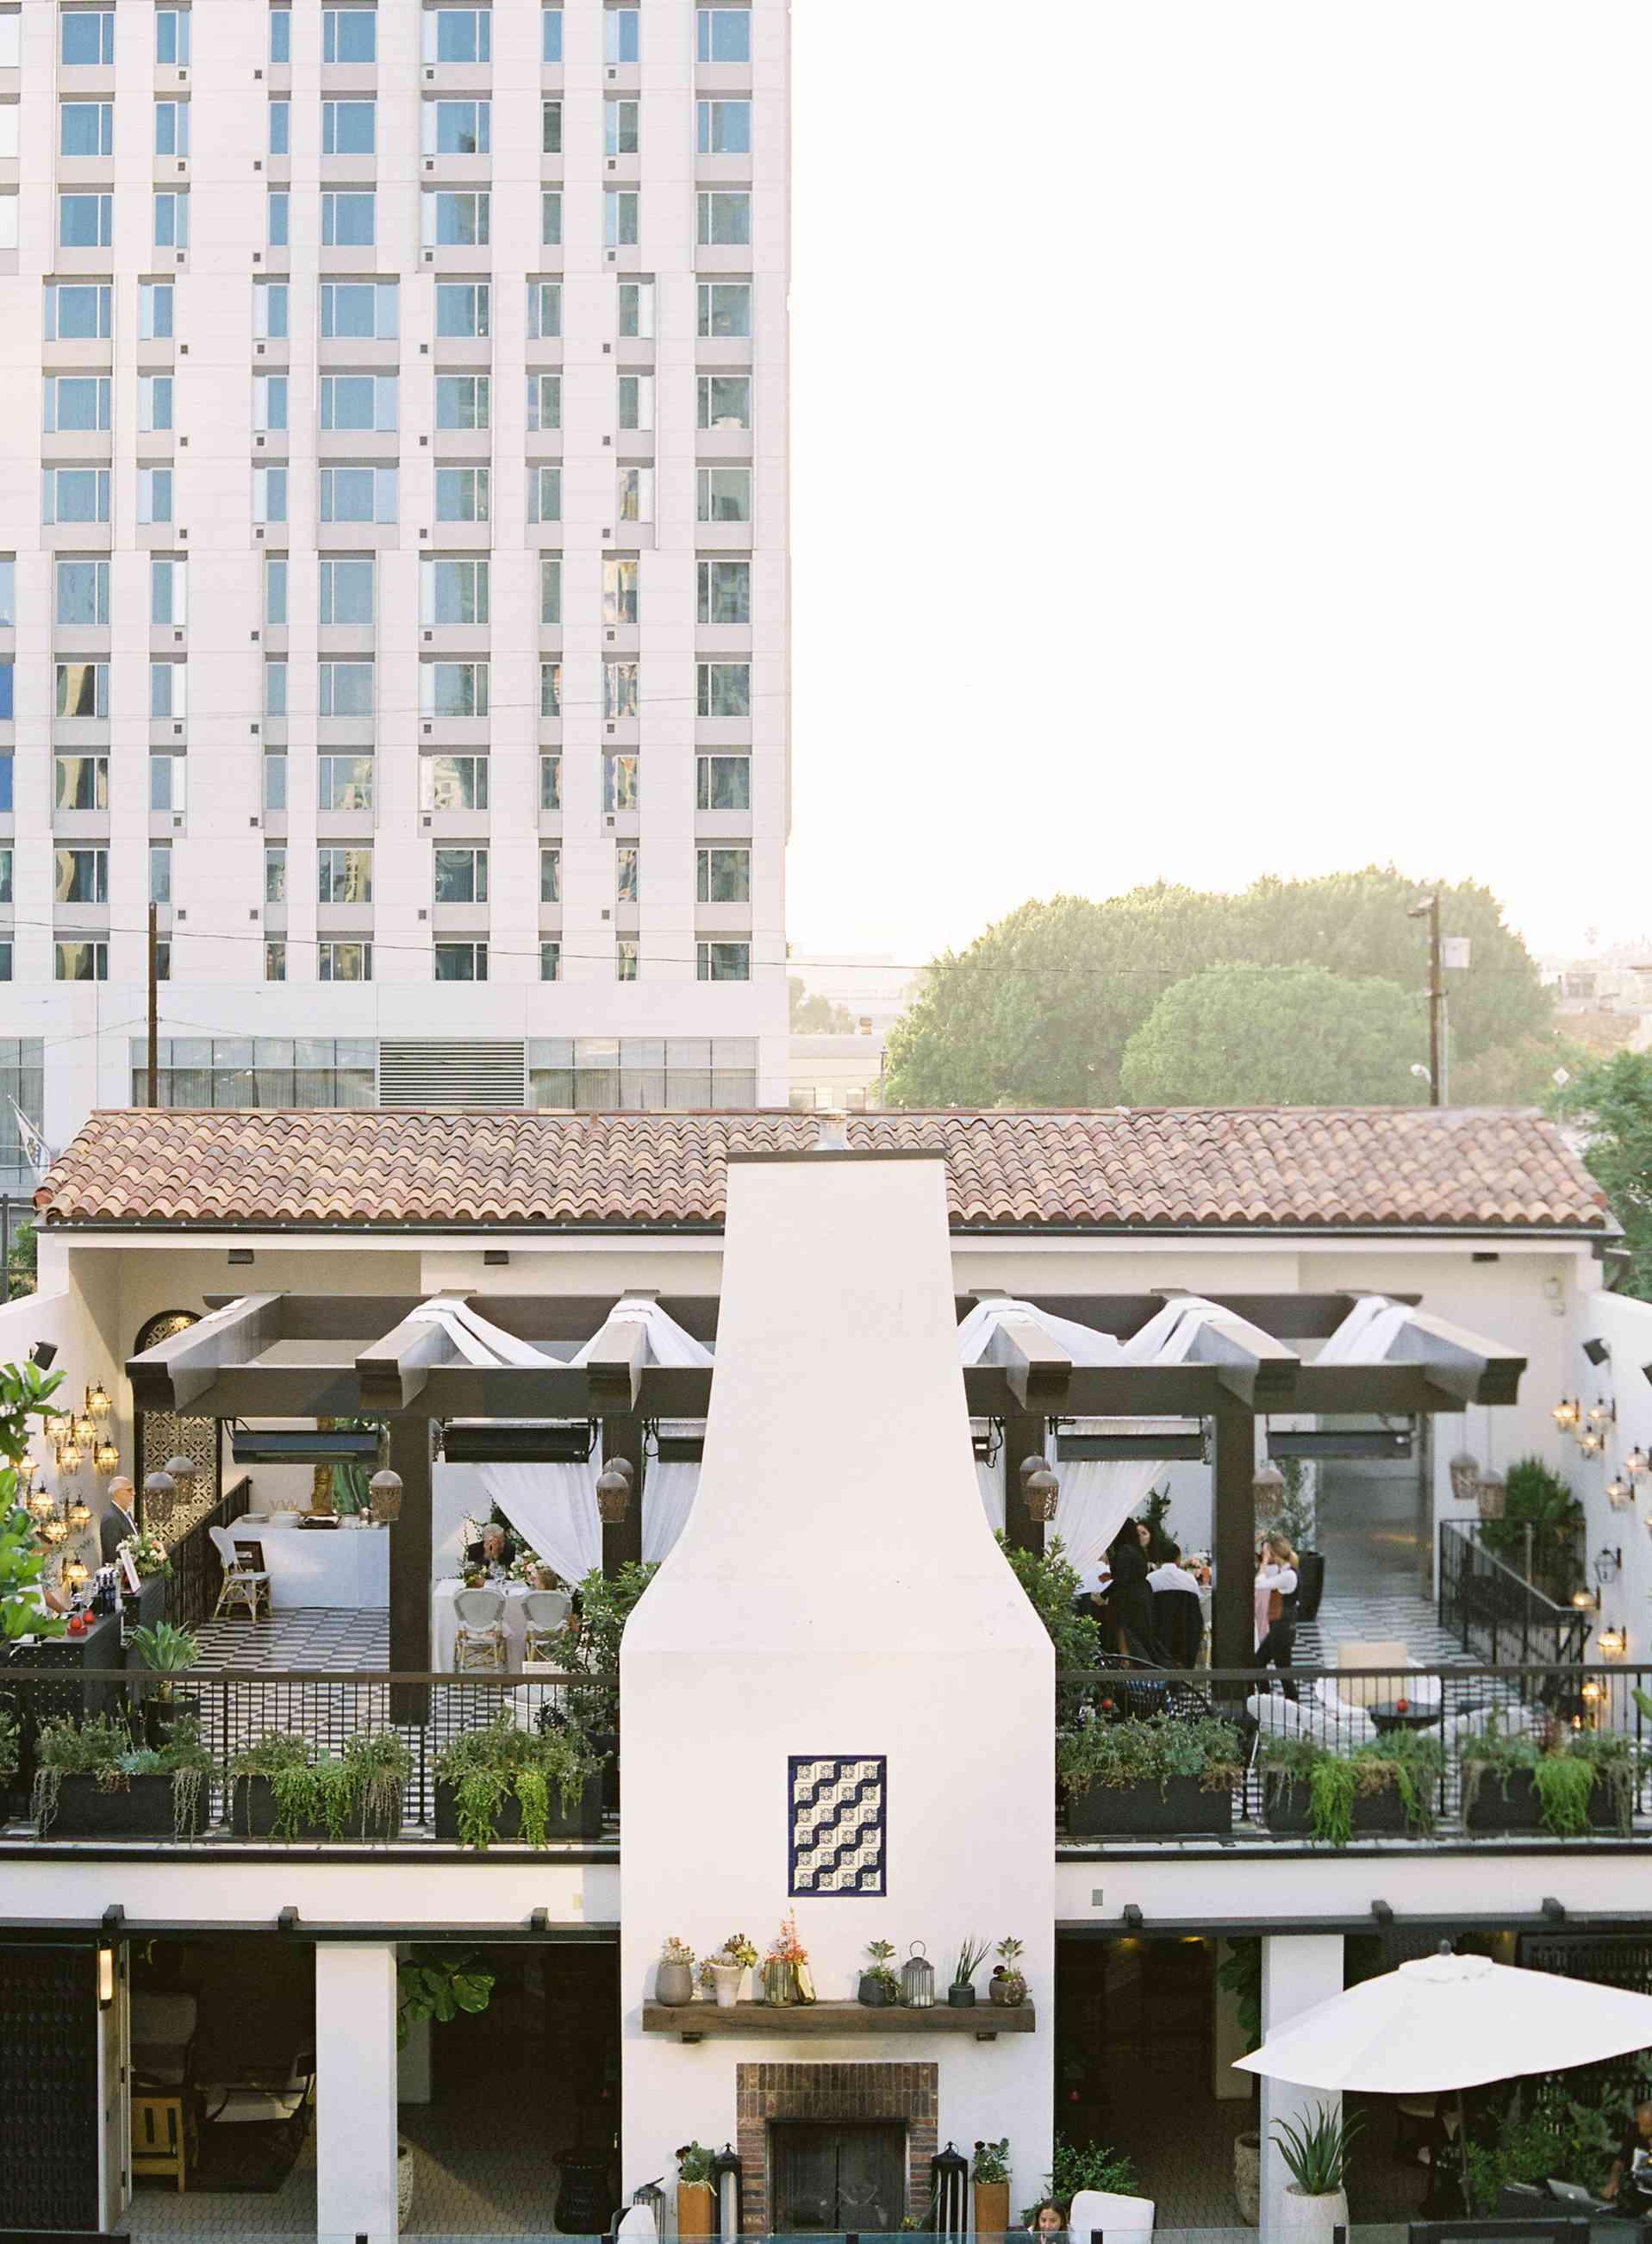 Hotel Figueroa in Downtown L.A.